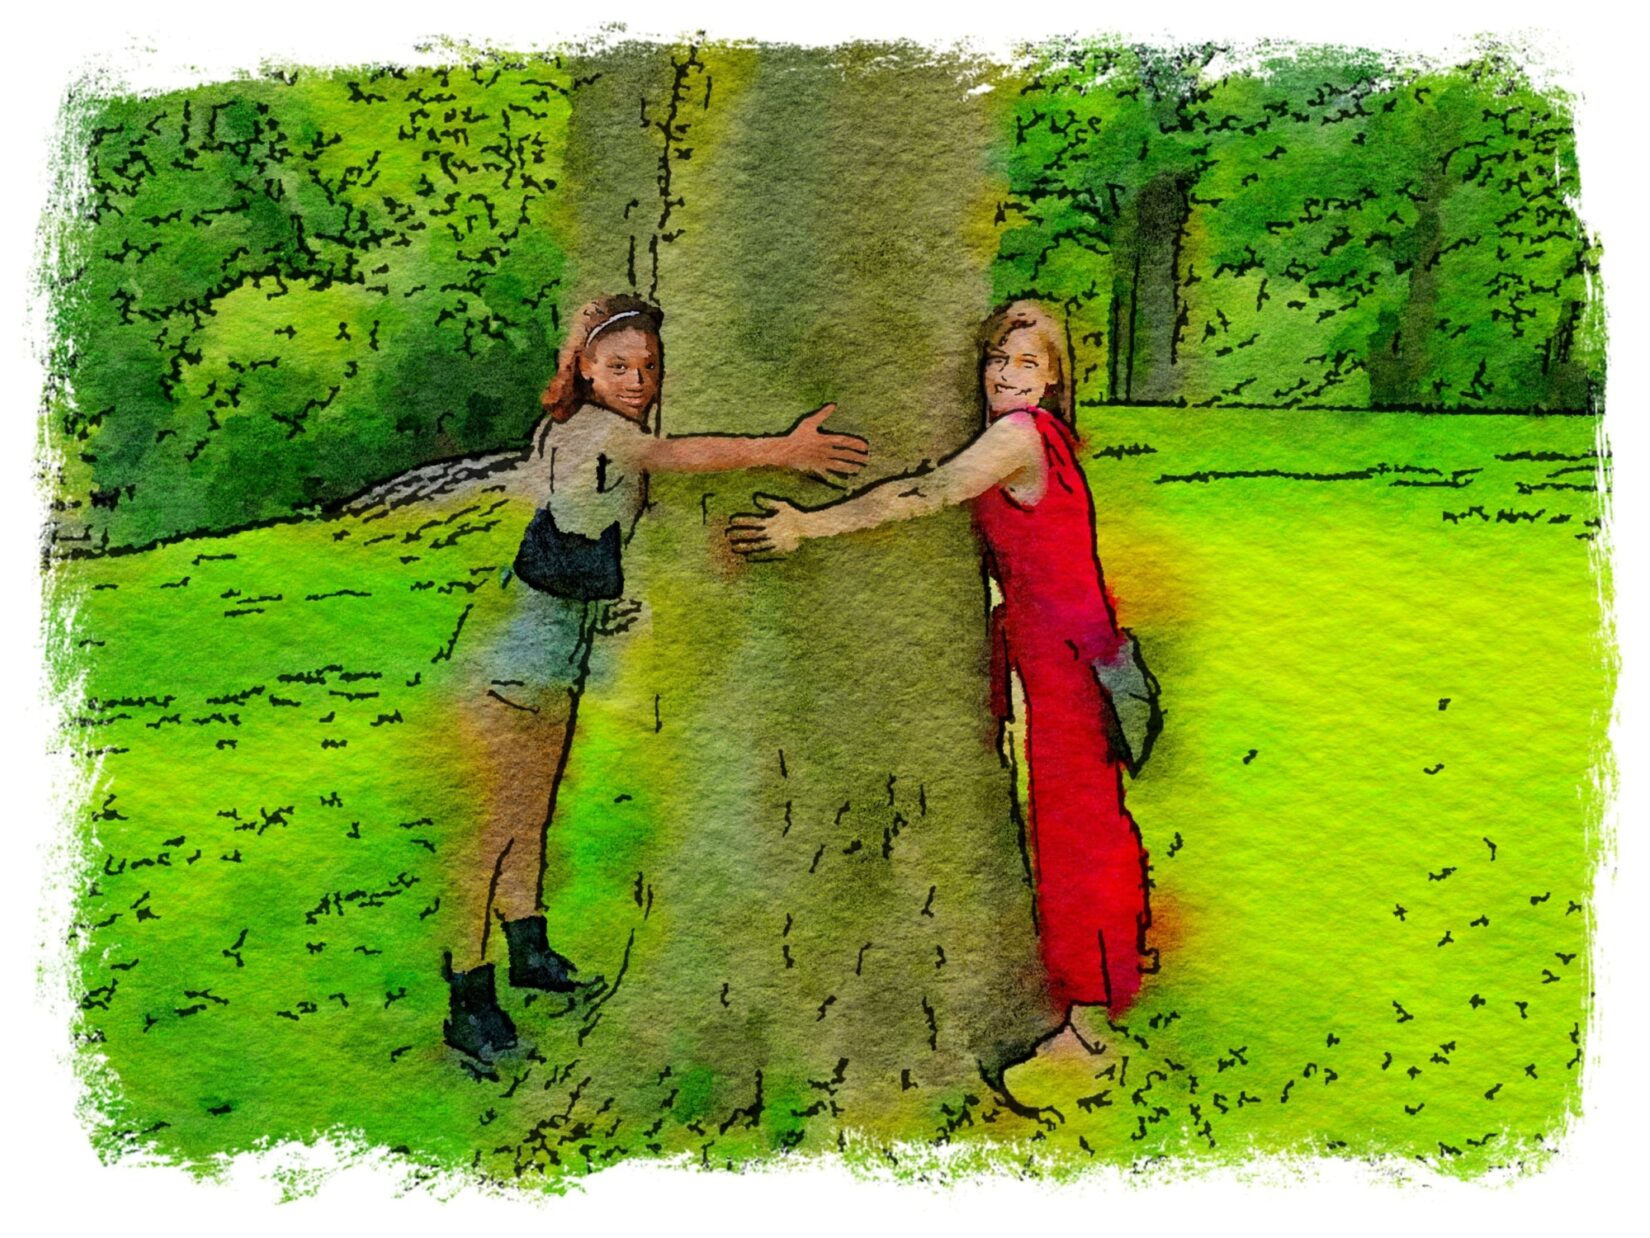 1a Hug A Tree 2500x1875px